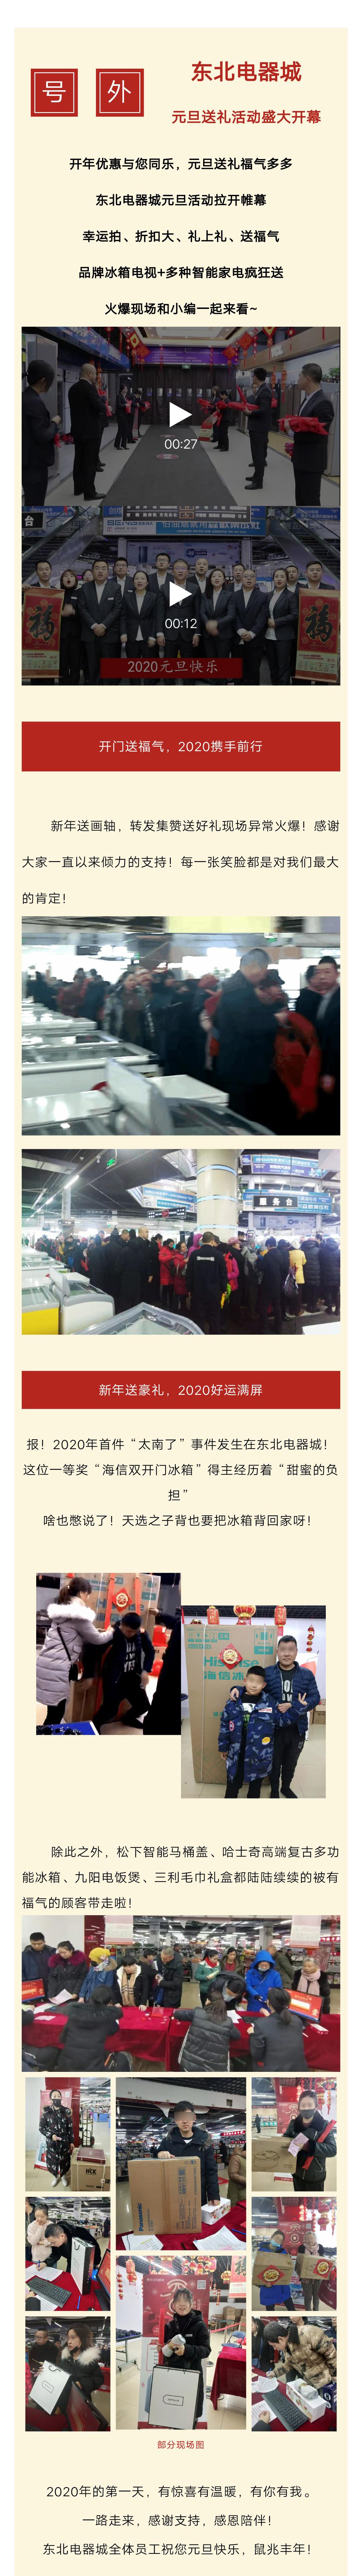 微信图片_20200102105920.jpg